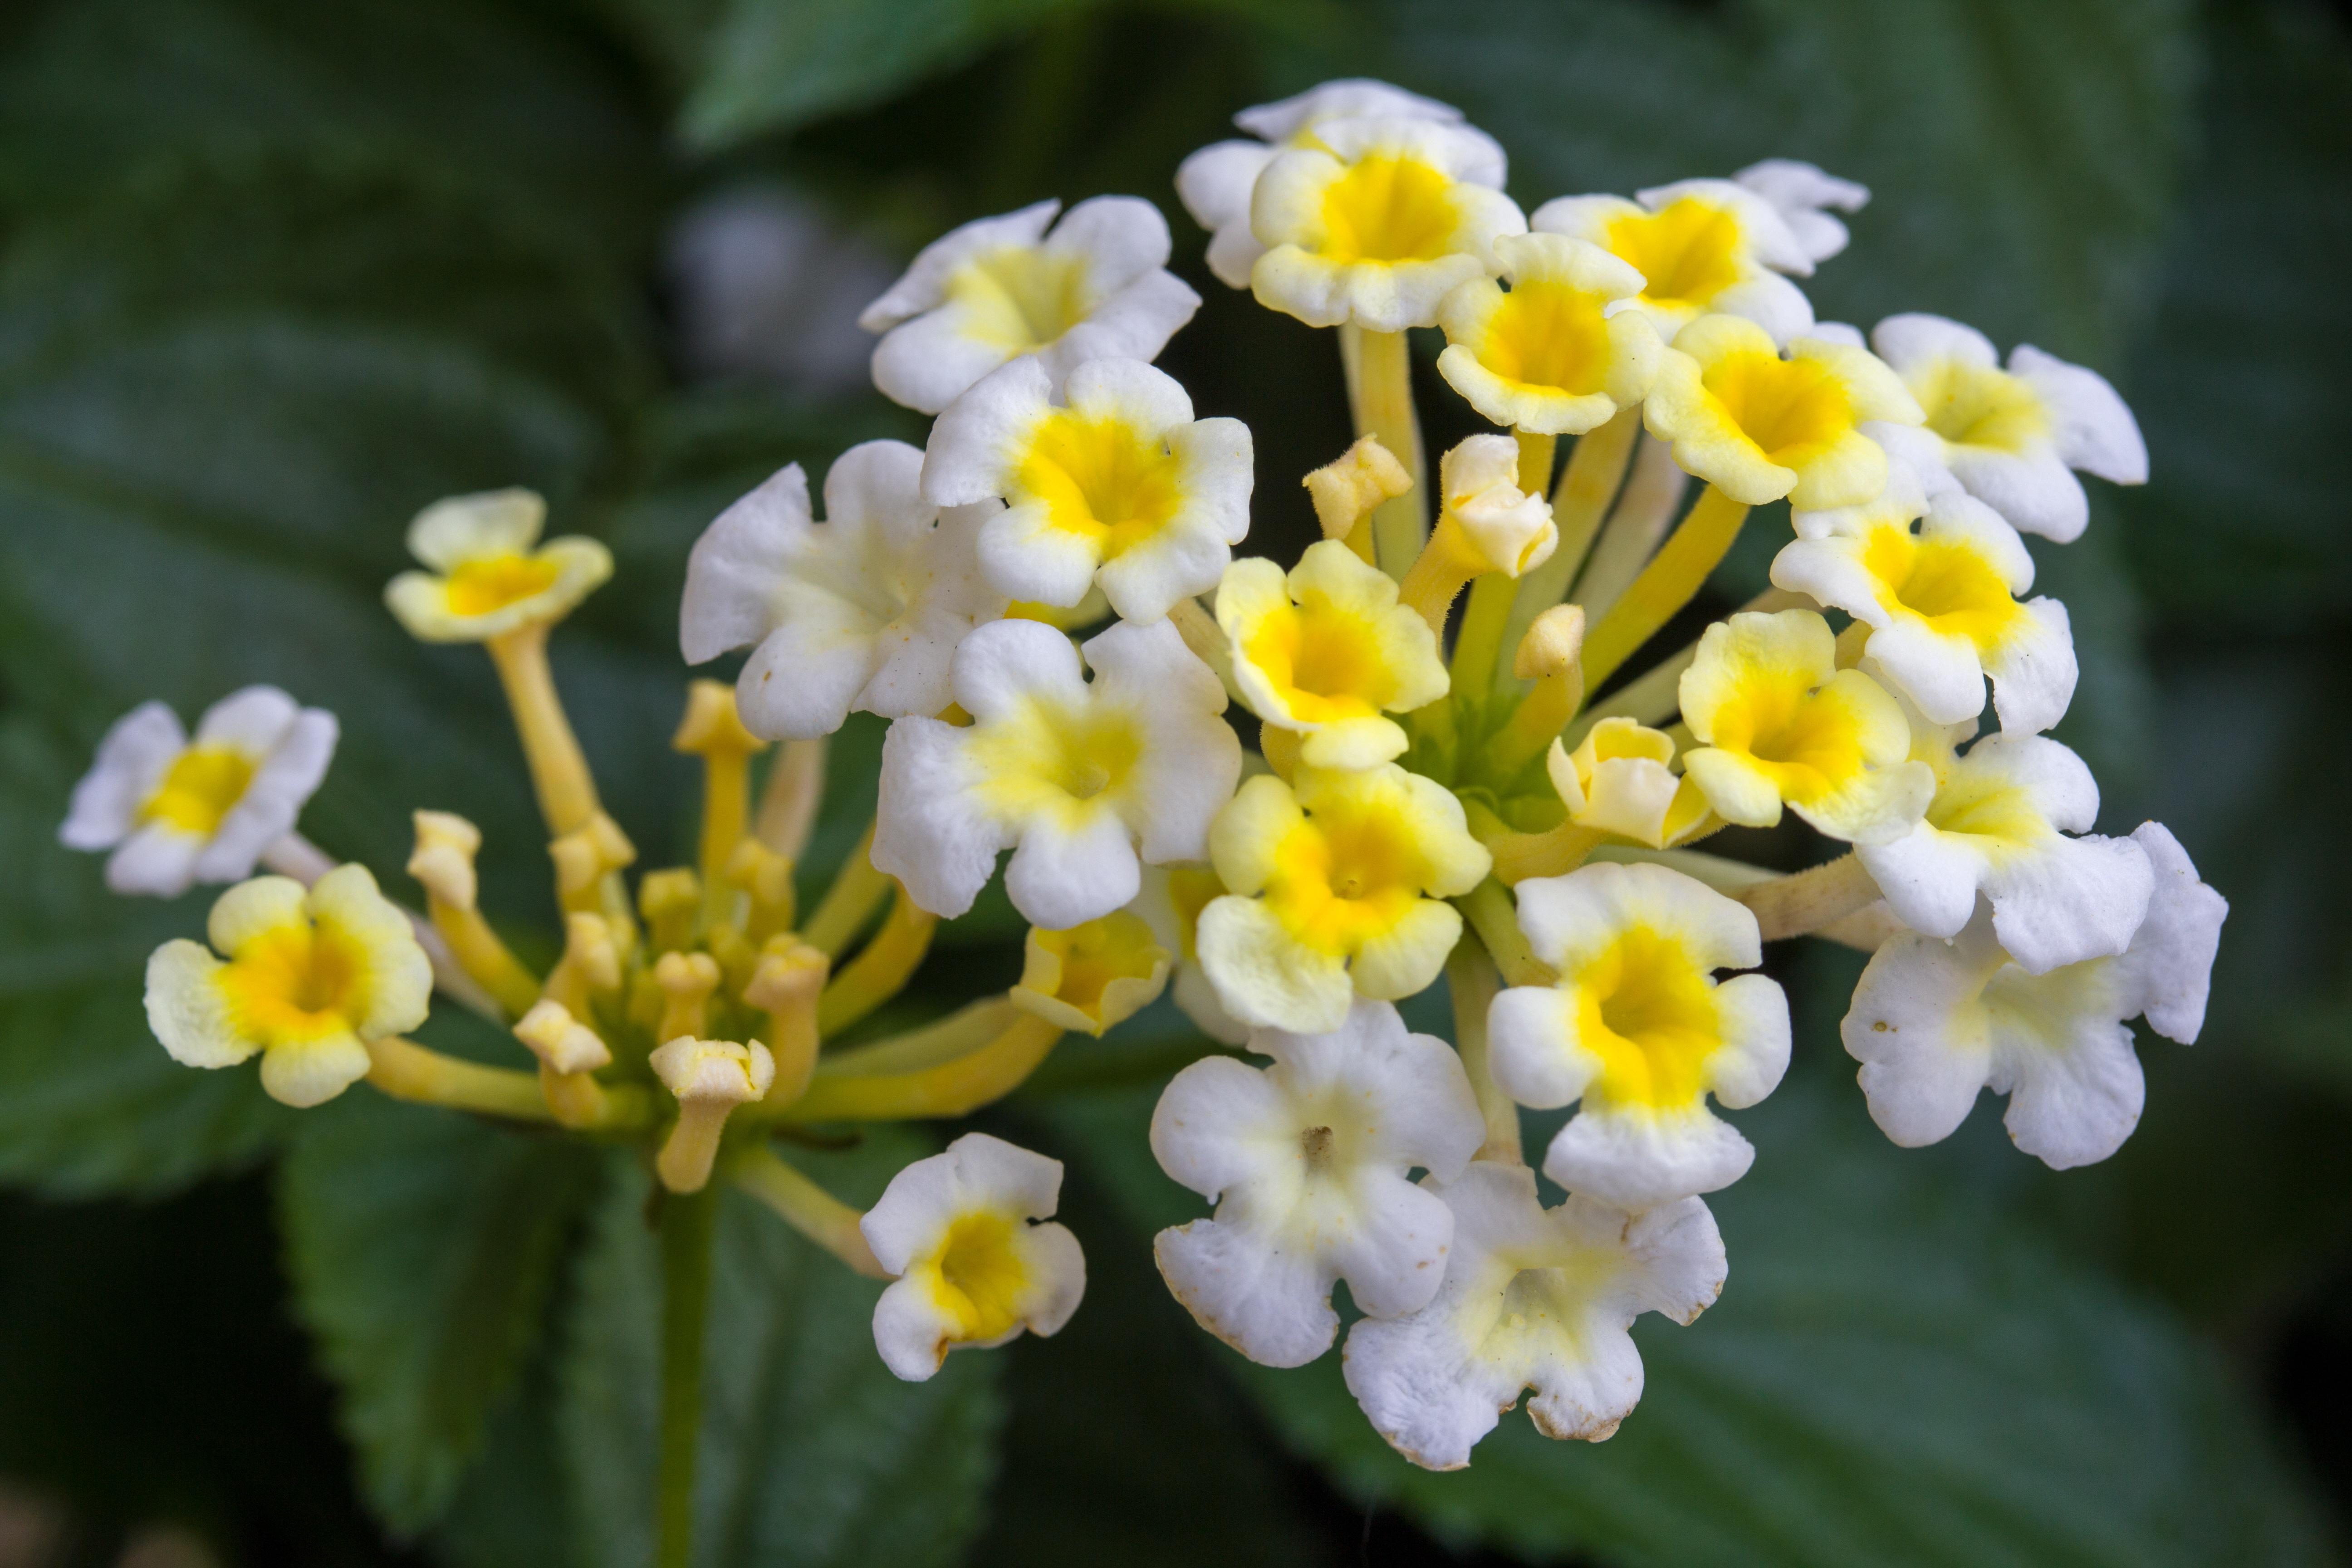 images gratuites : fleur, floraison, herbe, botanique, fermer, flore